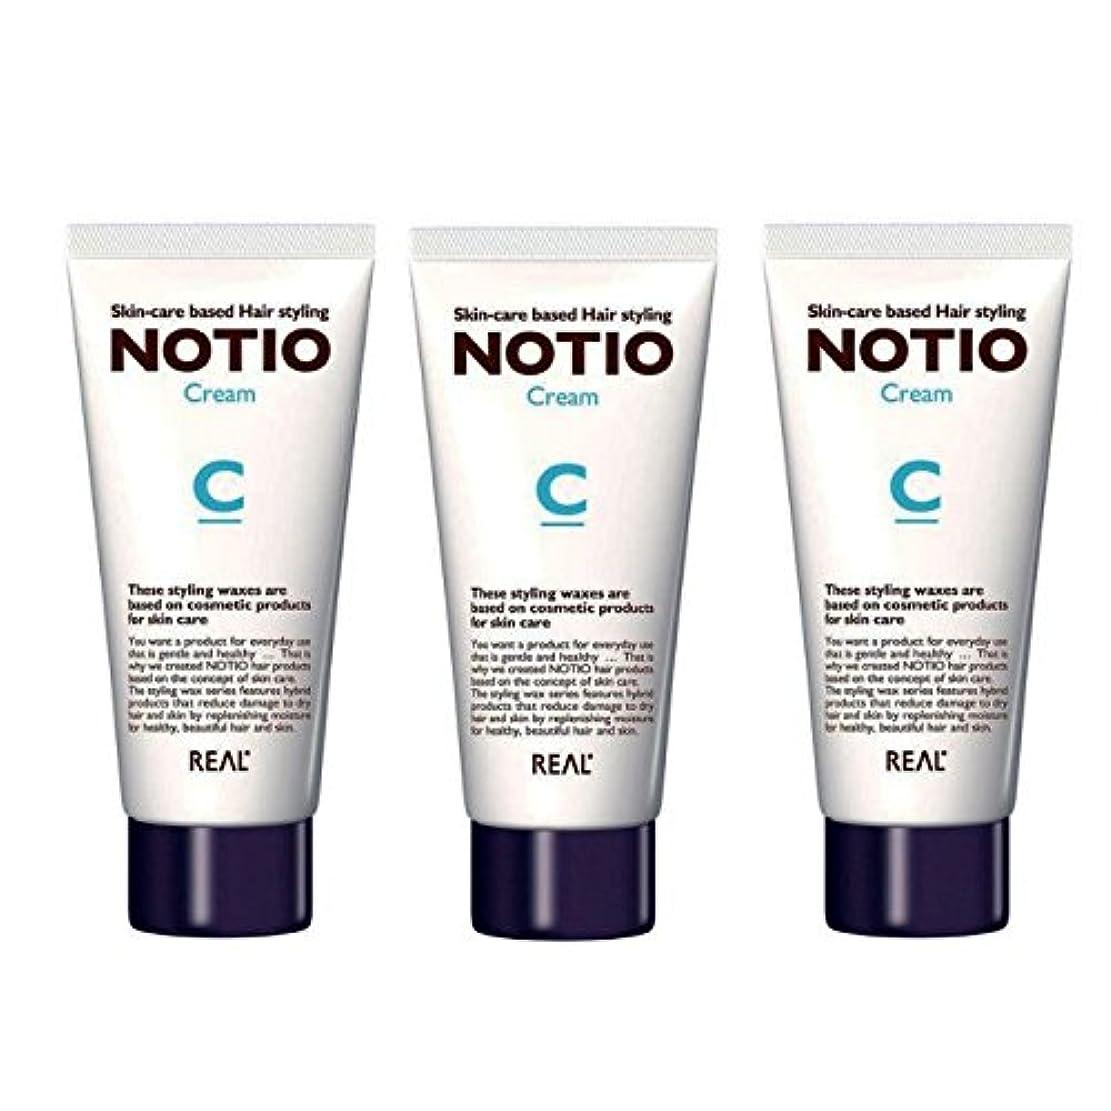 トレーニングホームレスインターネット【3個セット】NOTIO Cream ノティオ クリーム ( ヘアスタイリング?ハンドクリーム ) 90g